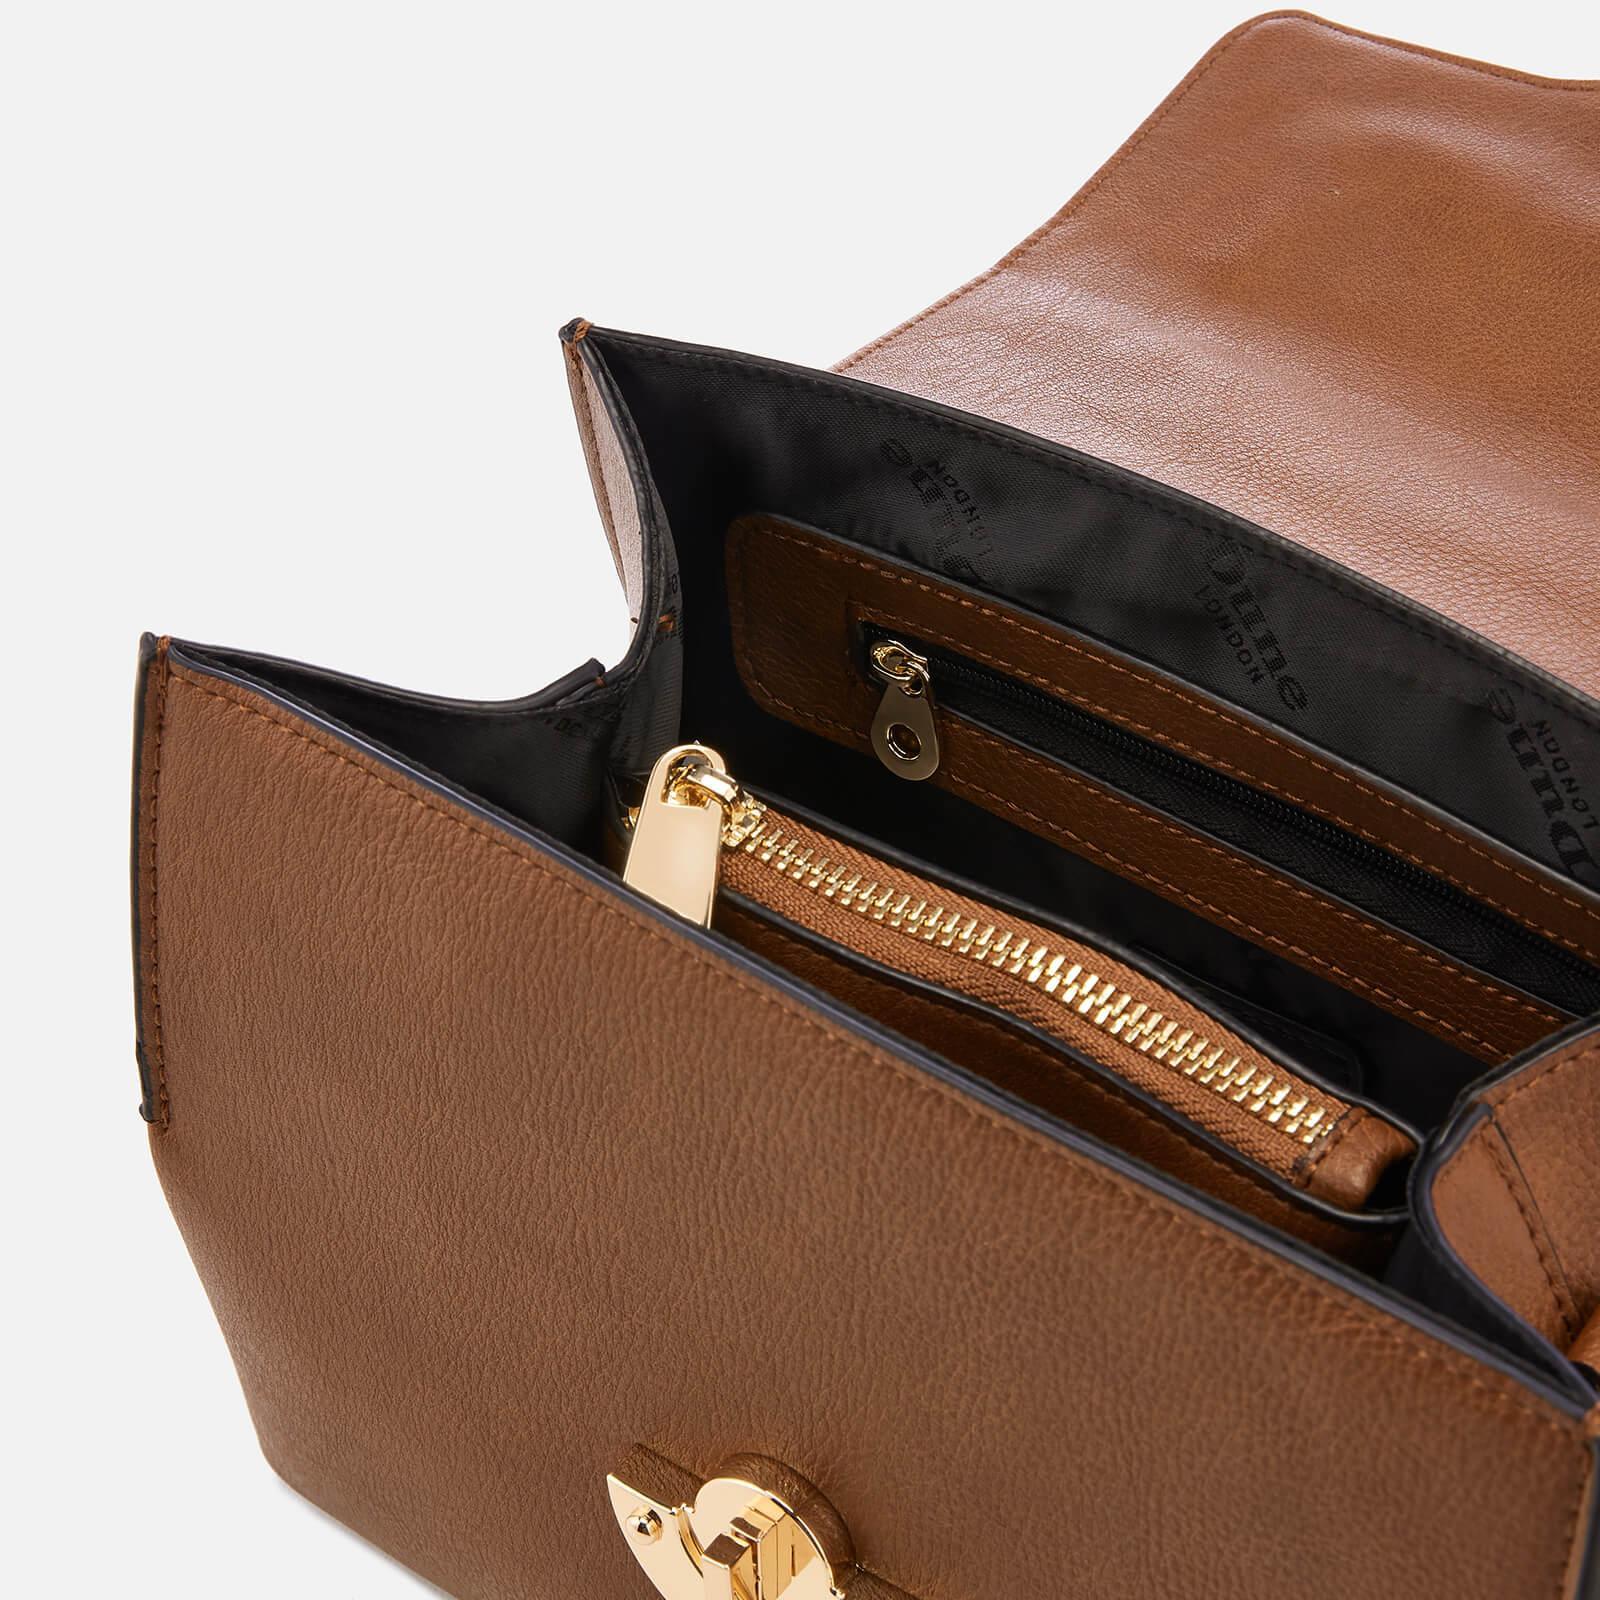 108c0d7bdb3c Dune - Brown Dinidoting Medium Circle Hardware Tote Bag - Lyst. View  fullscreen